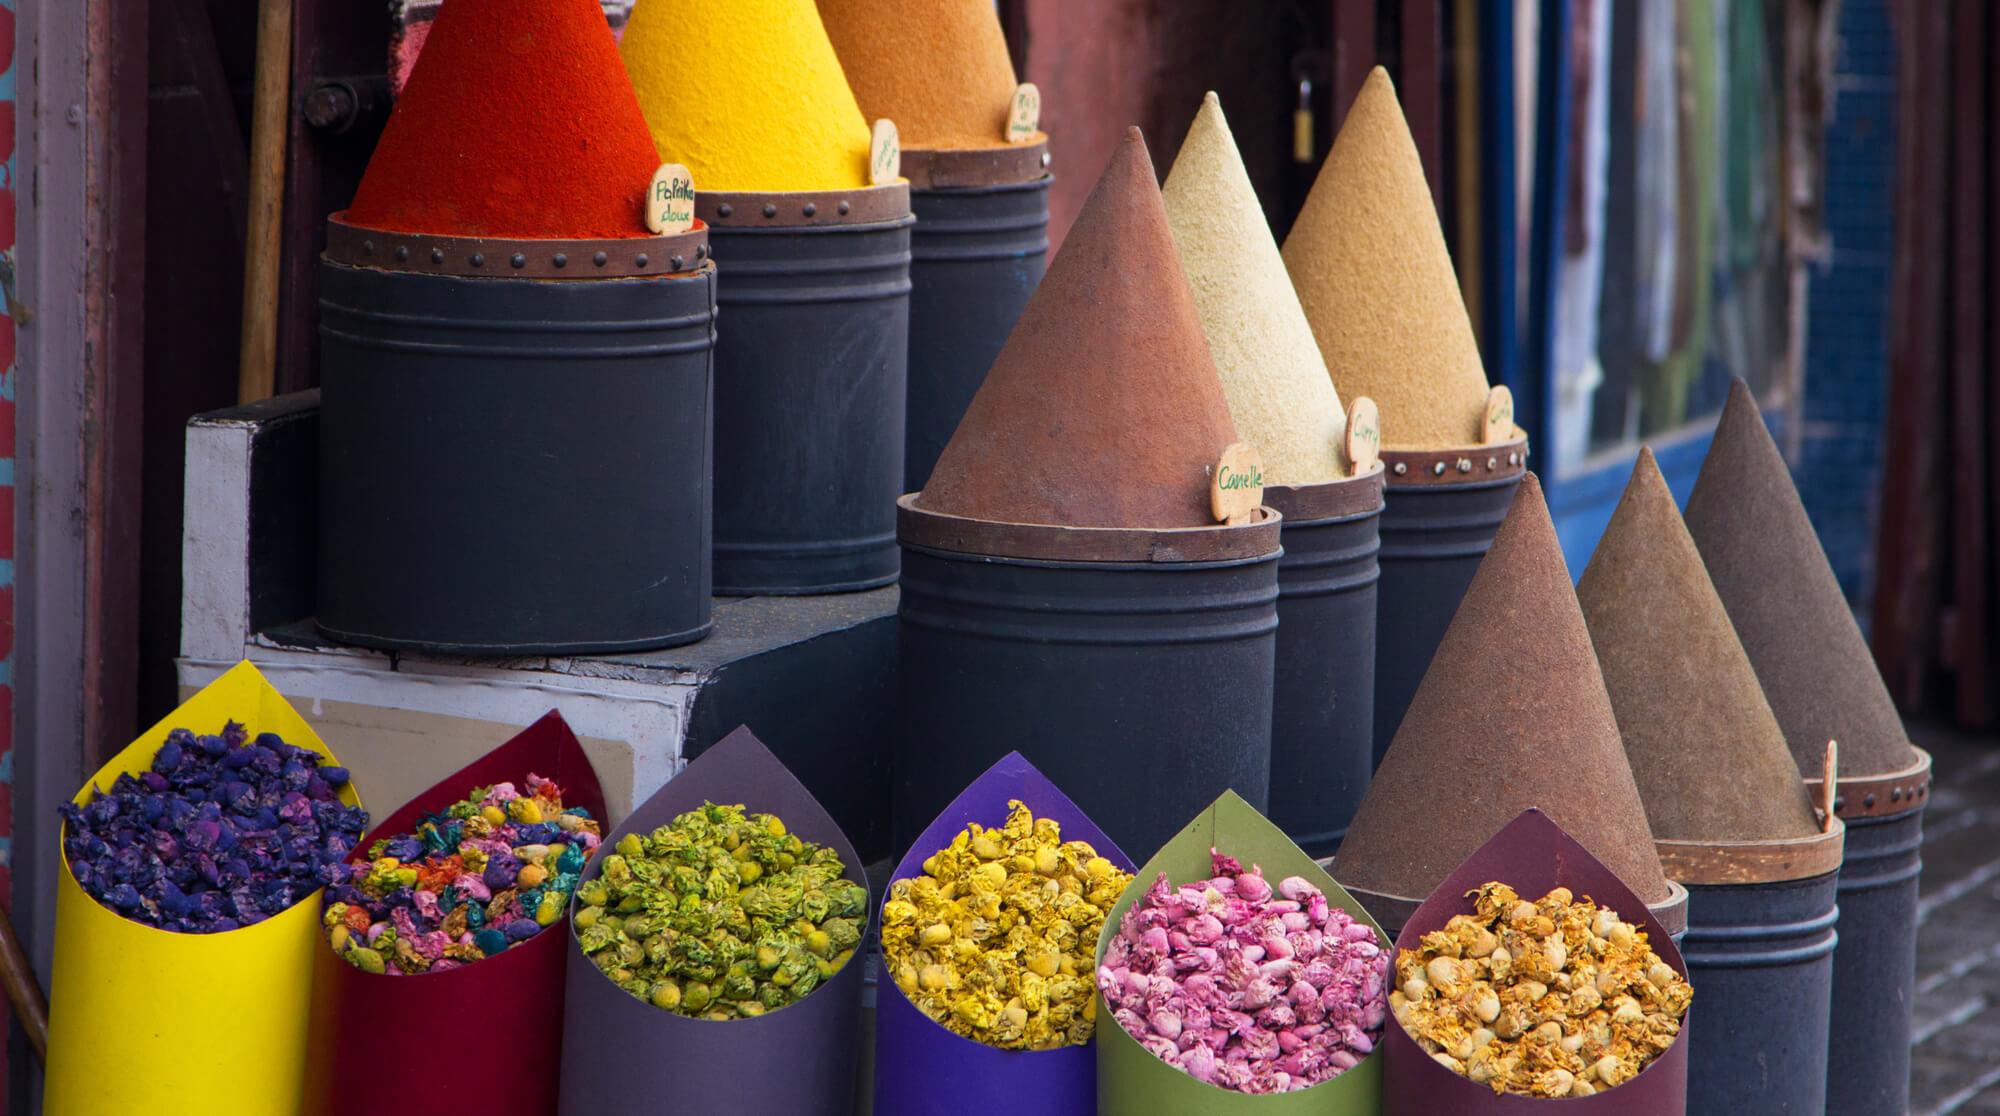 תבלינים וממתקים בשוק בפס אל באלי, פס, מרוקו